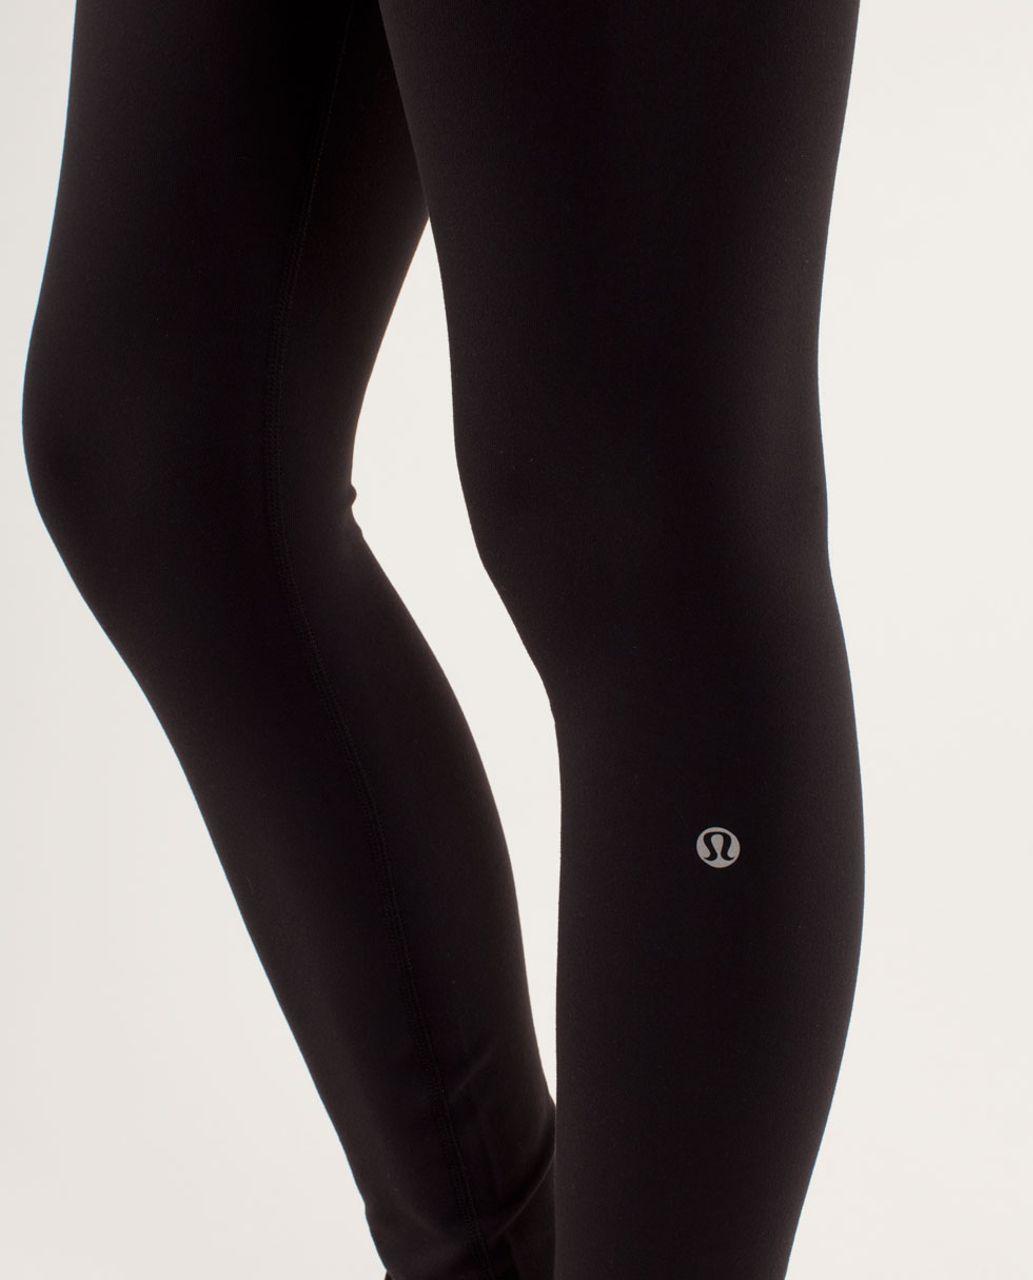 Lululemon Wunder Under Pant - Black / Quilting Winter 15